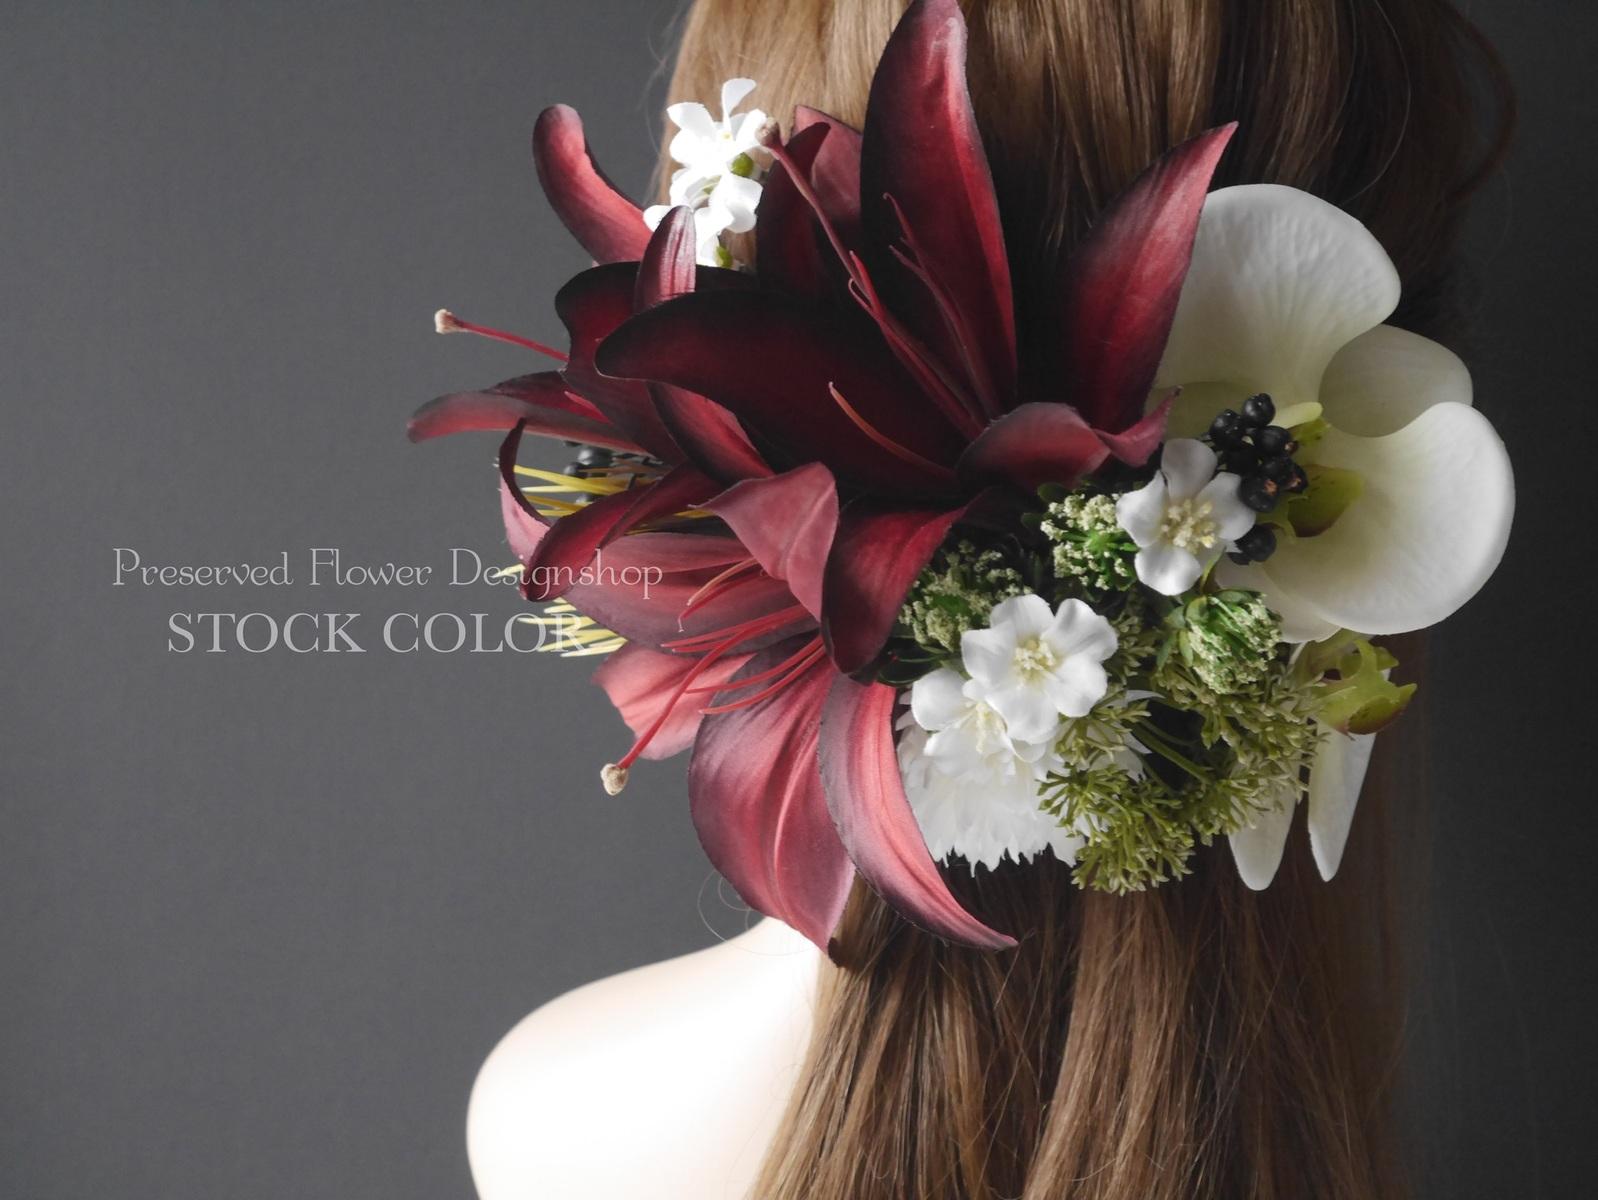 ユリとコチョウランの髪飾り(ワインレッド)*ヘッドドレス/ヘアアクセサリー【成人式や結婚式に】